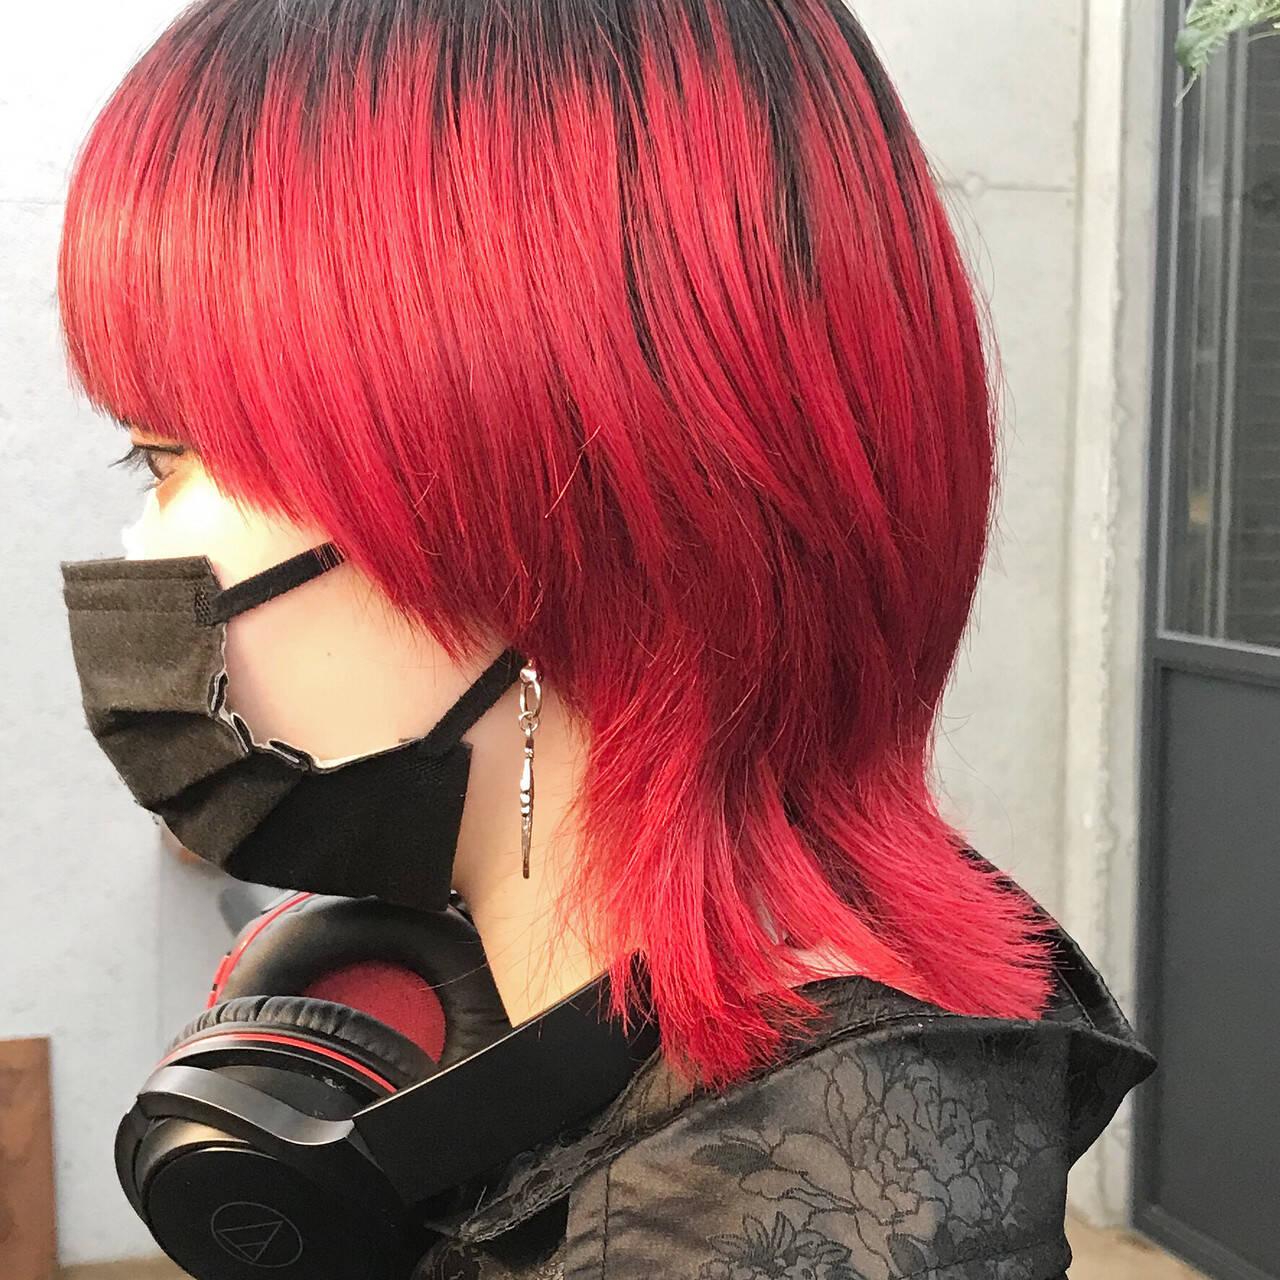 マッシュウルフ モード ウルフ女子 ミディアムヘアスタイルや髪型の写真・画像